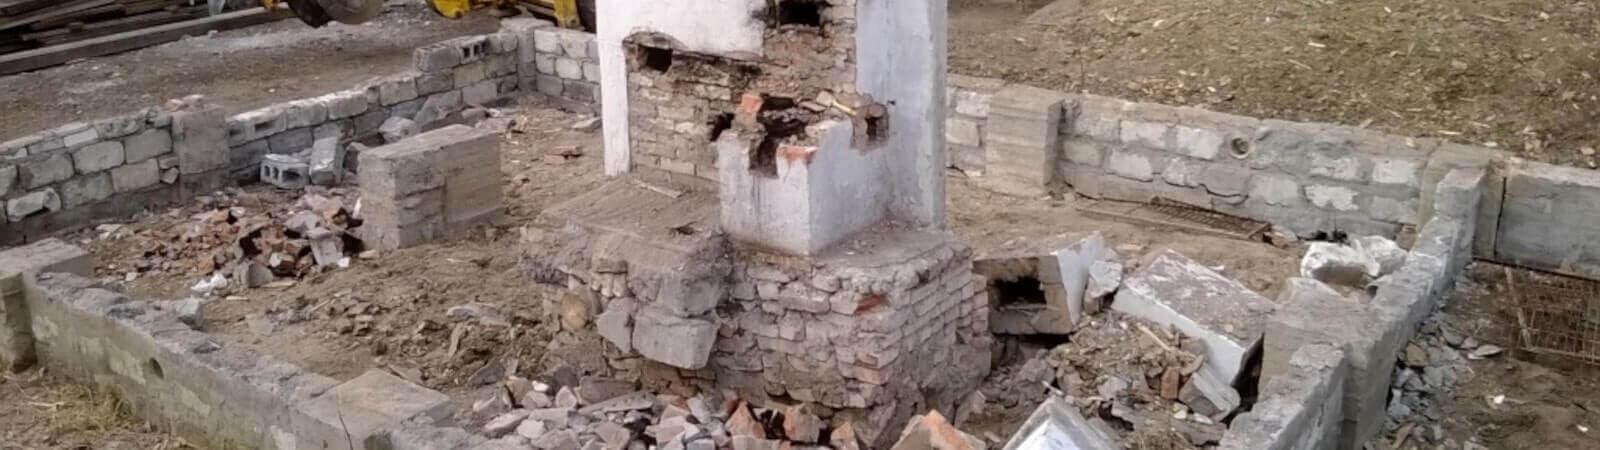 Особливості виконання демонтажу фундаменту